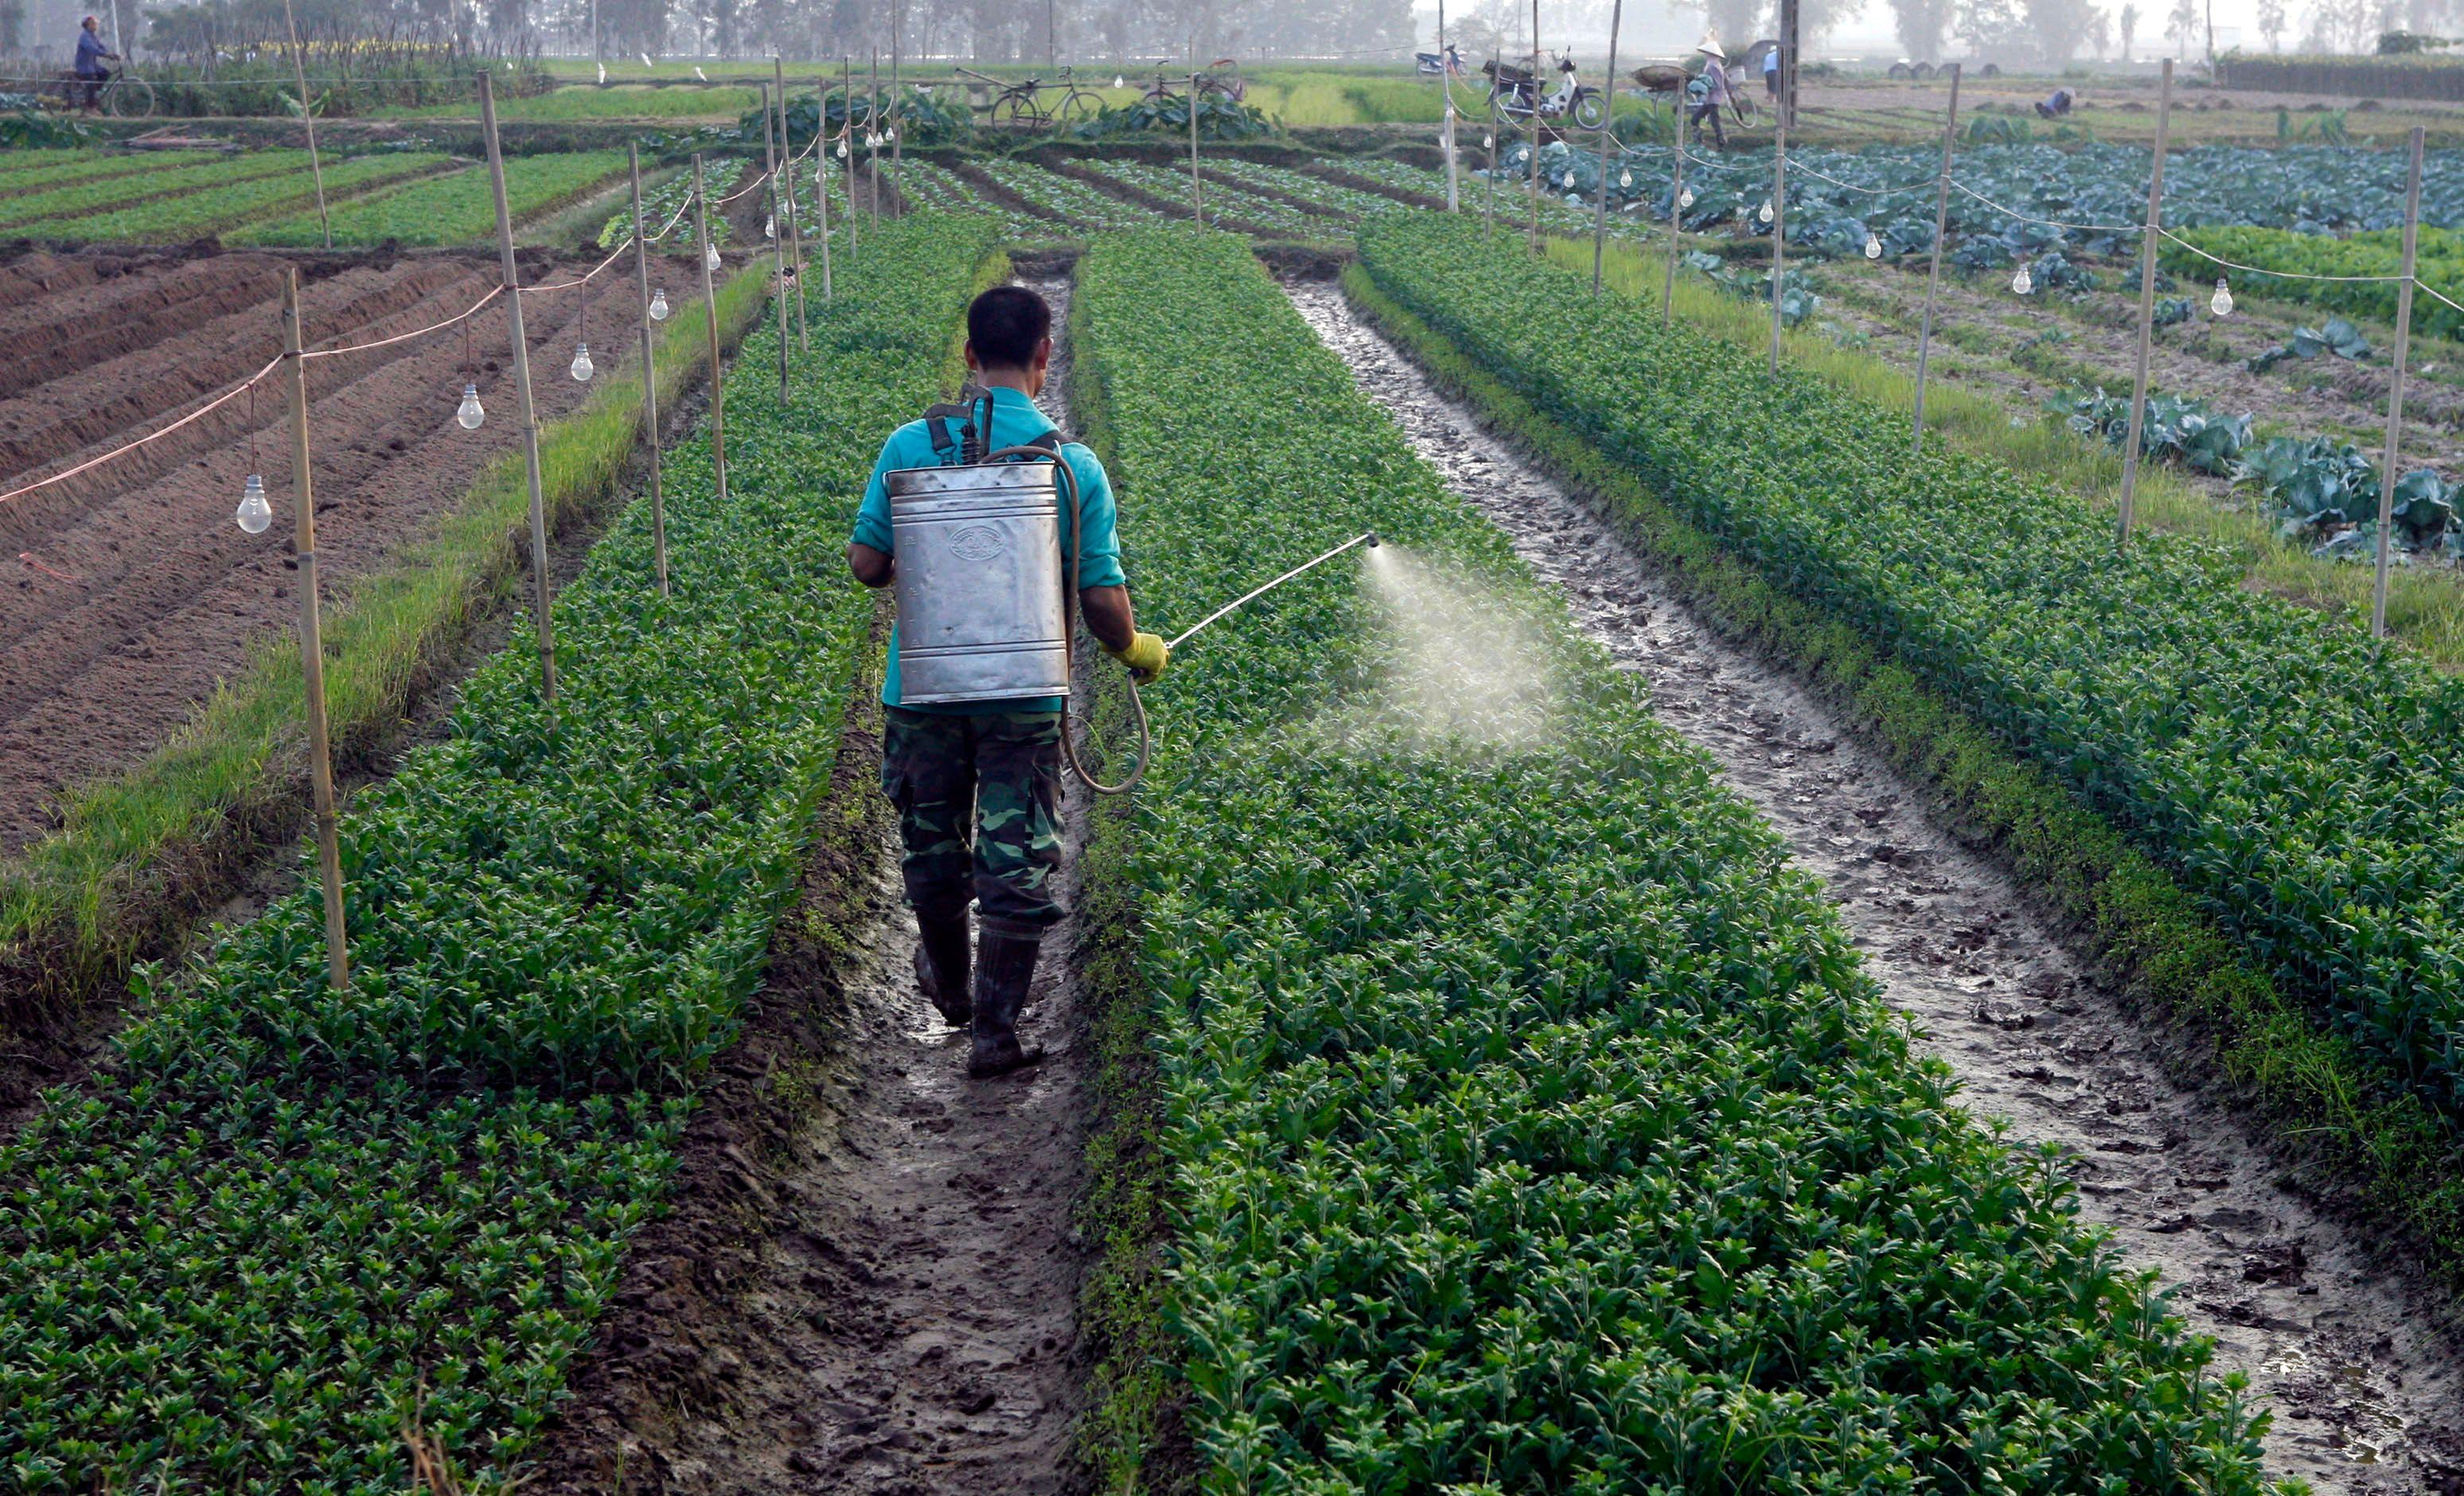 Pourquoi la France est la championne d'Europe de la présence de pesticides dans les paniers de course